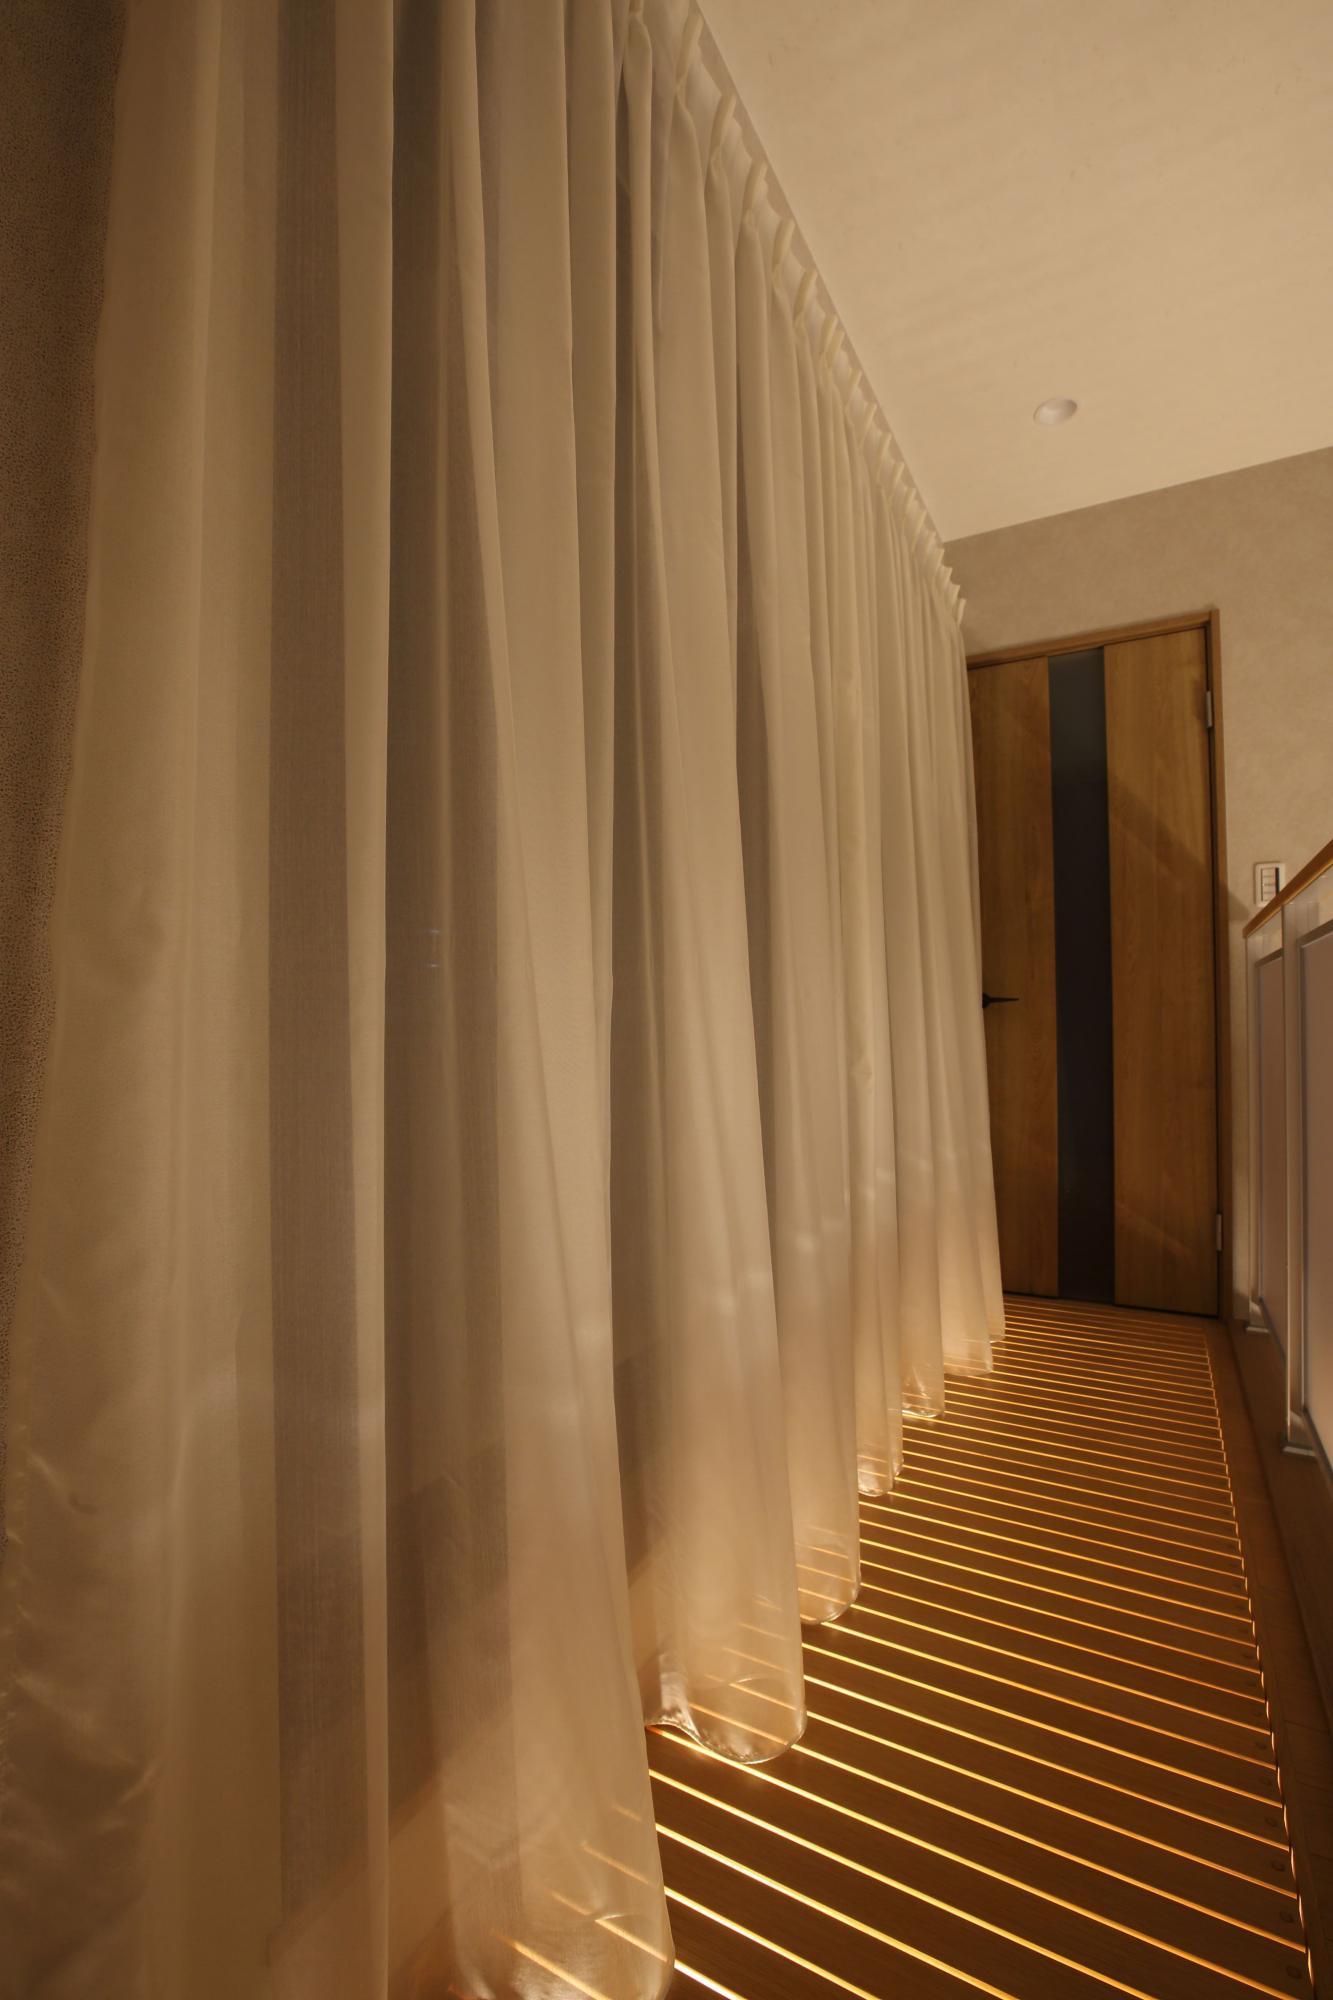 2階吹き抜け部分の南側には木製の通風床を設置。光が入り、風通しも良い。